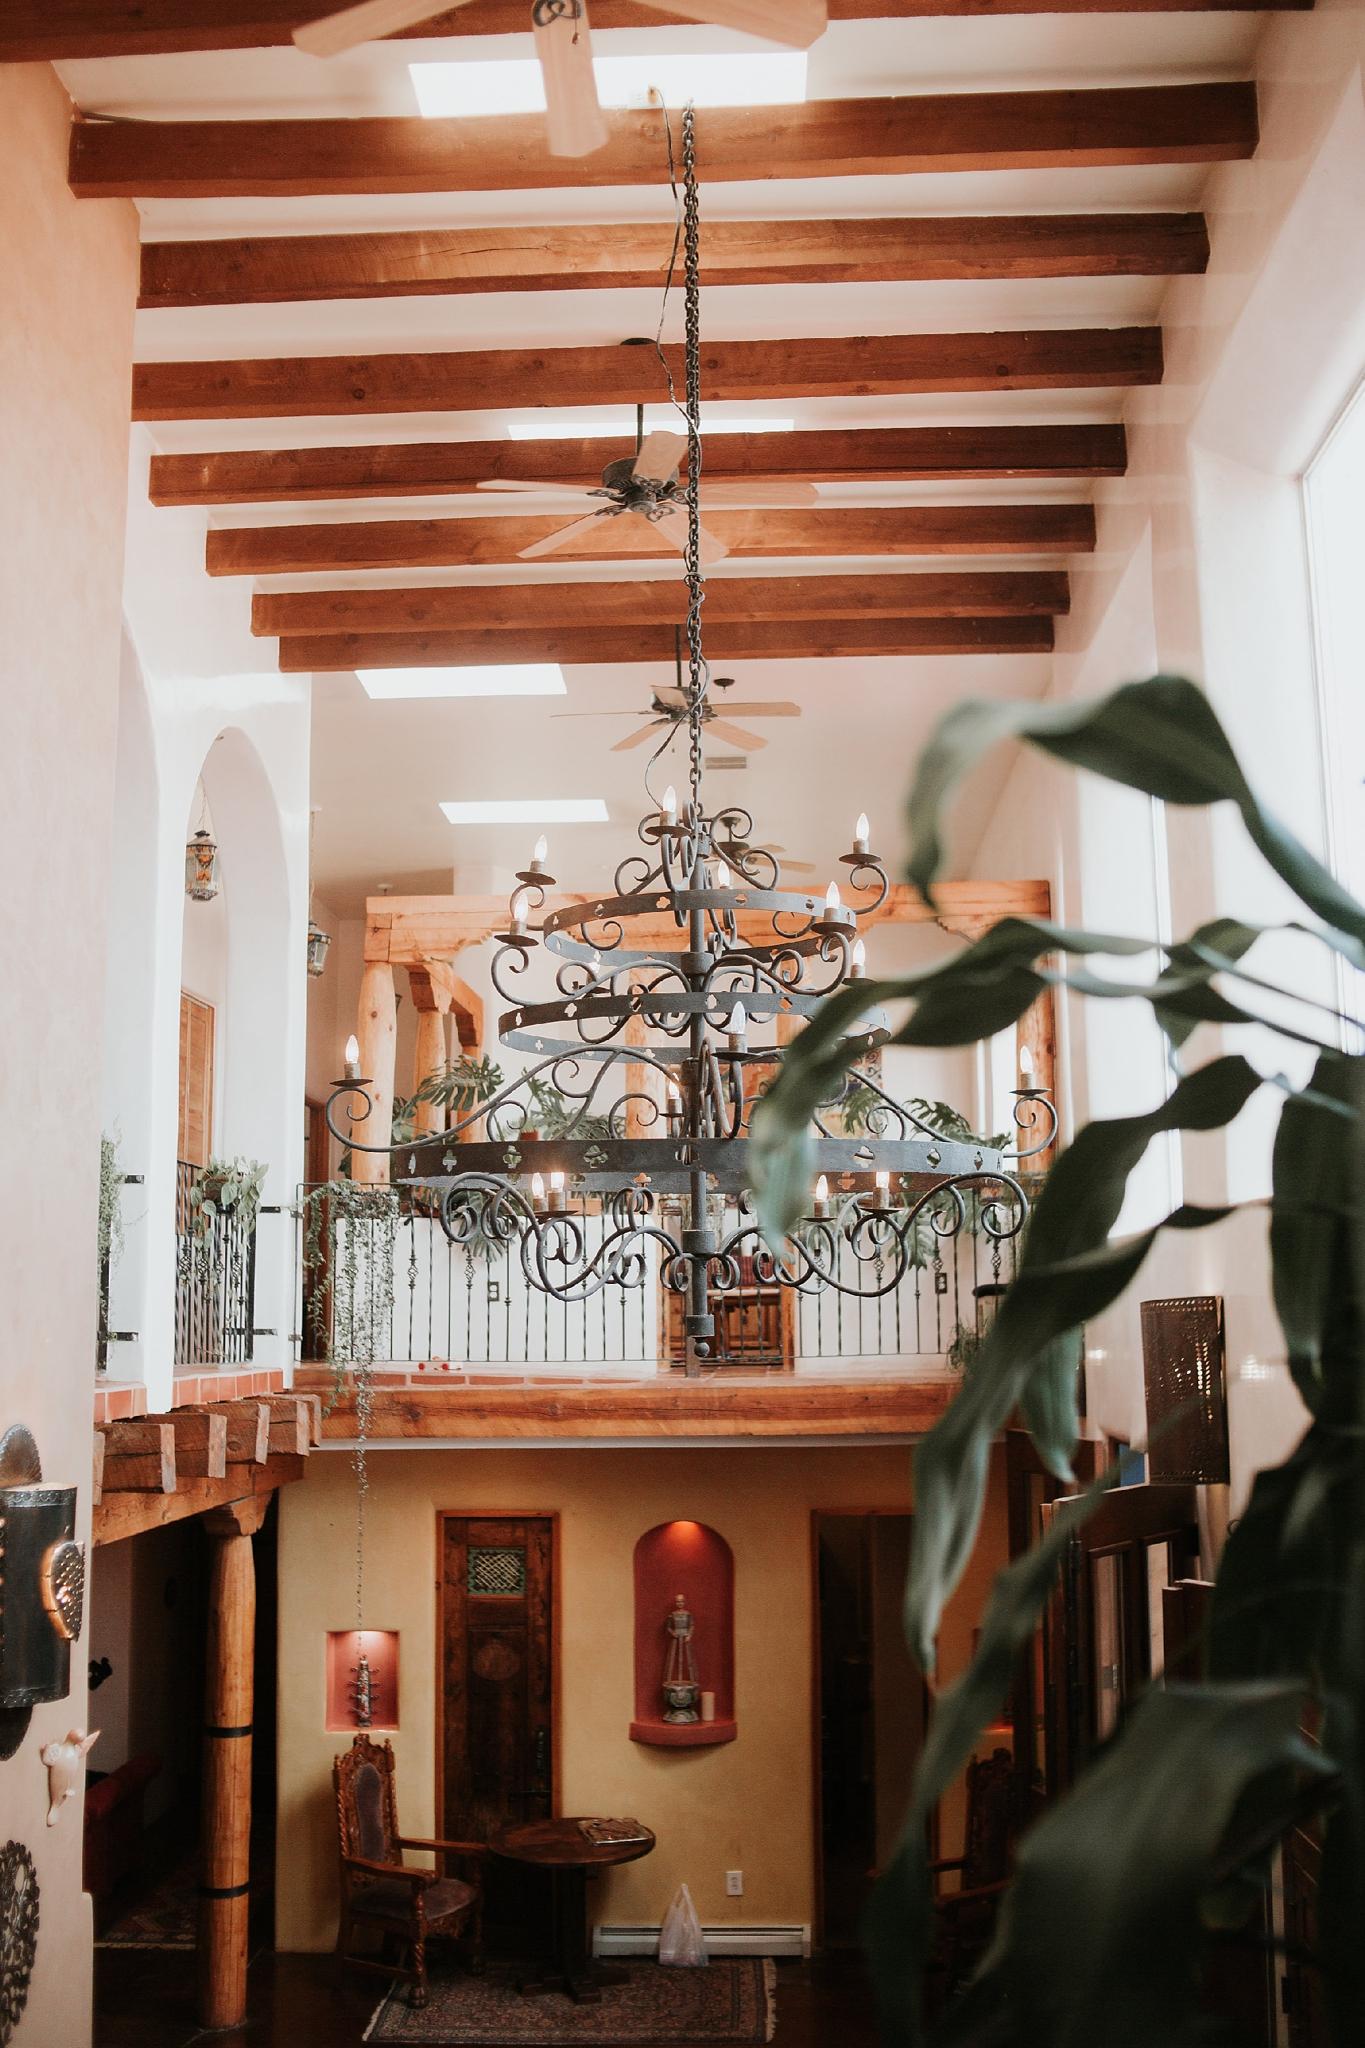 Alicia+lucia+photography+-+albuquerque+wedding+photographer+-+santa+fe+wedding+photography+-+new+mexico+wedding+photographer+-+new+mexico+wedding+-+wedding+venues+-+new+mexico+wedding+venues+-+colorado+wedding+venues_0121.jpg